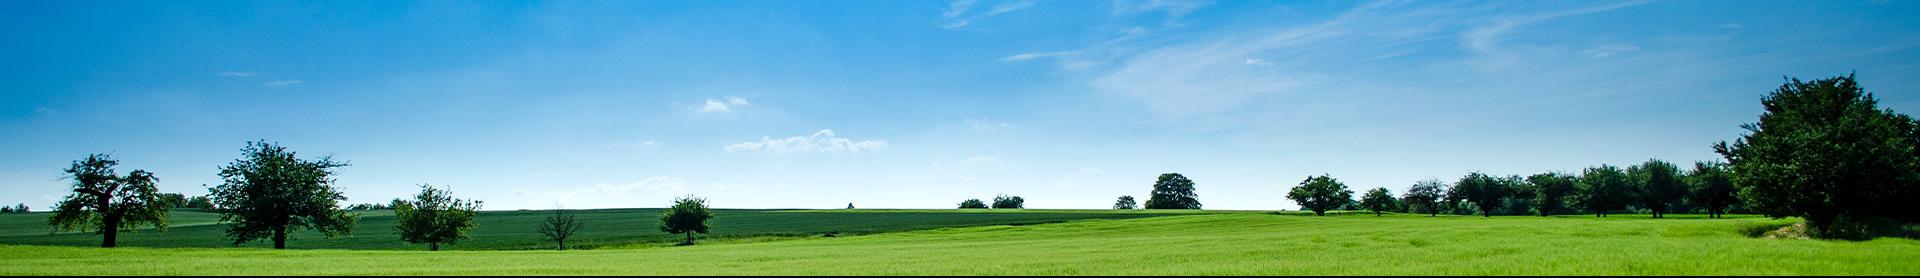 环境监测仪_空气千赢国际登陆_空气质量千赢国际登陆_环境监测终端_环境监测系统